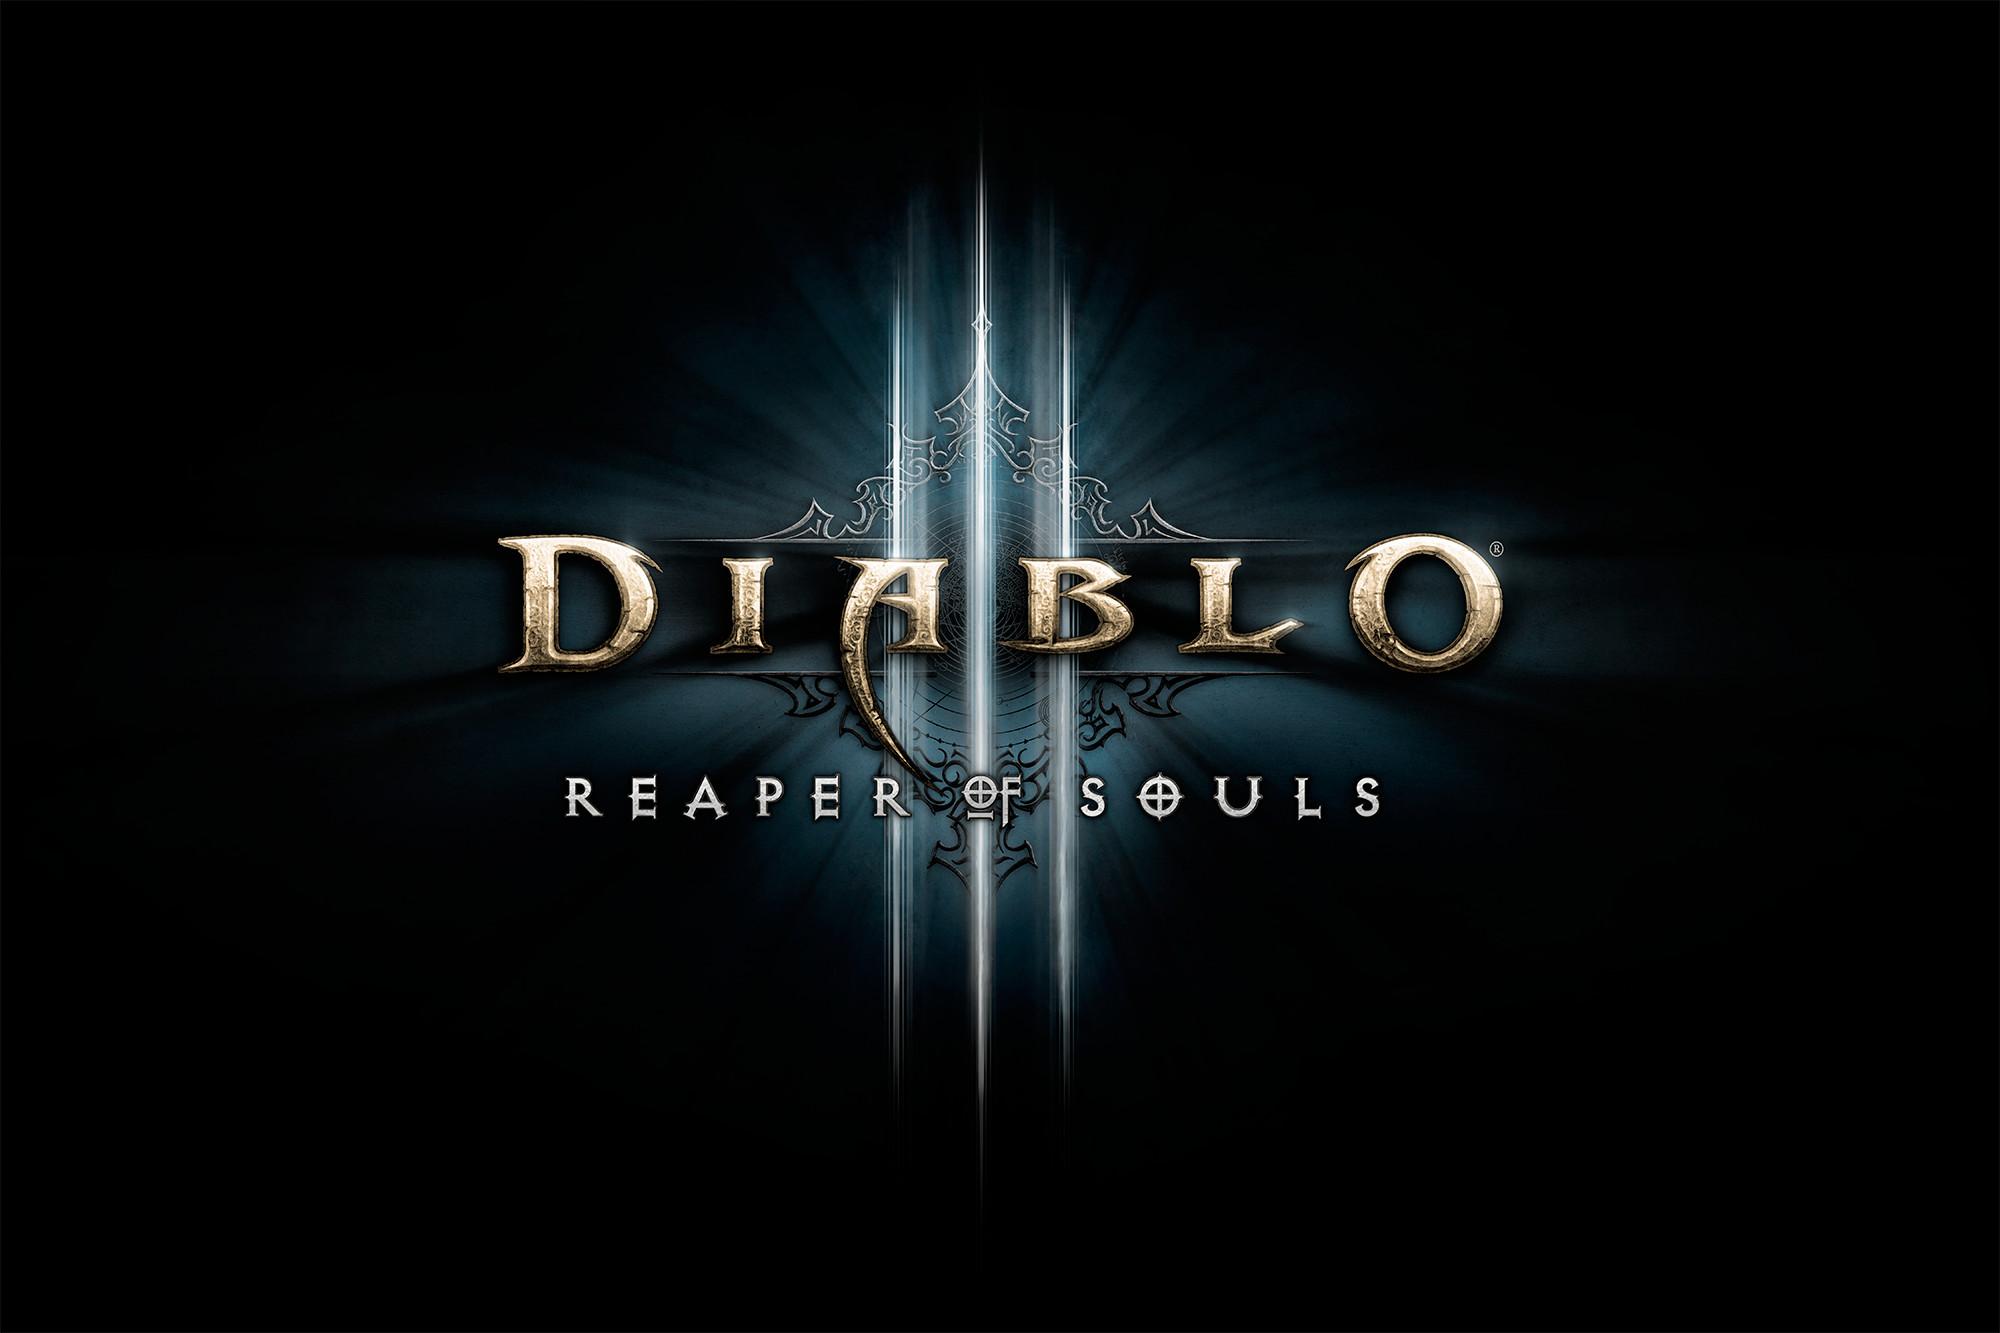 Diablo III: Reaper of Souls – Pre-Launch-Event in München